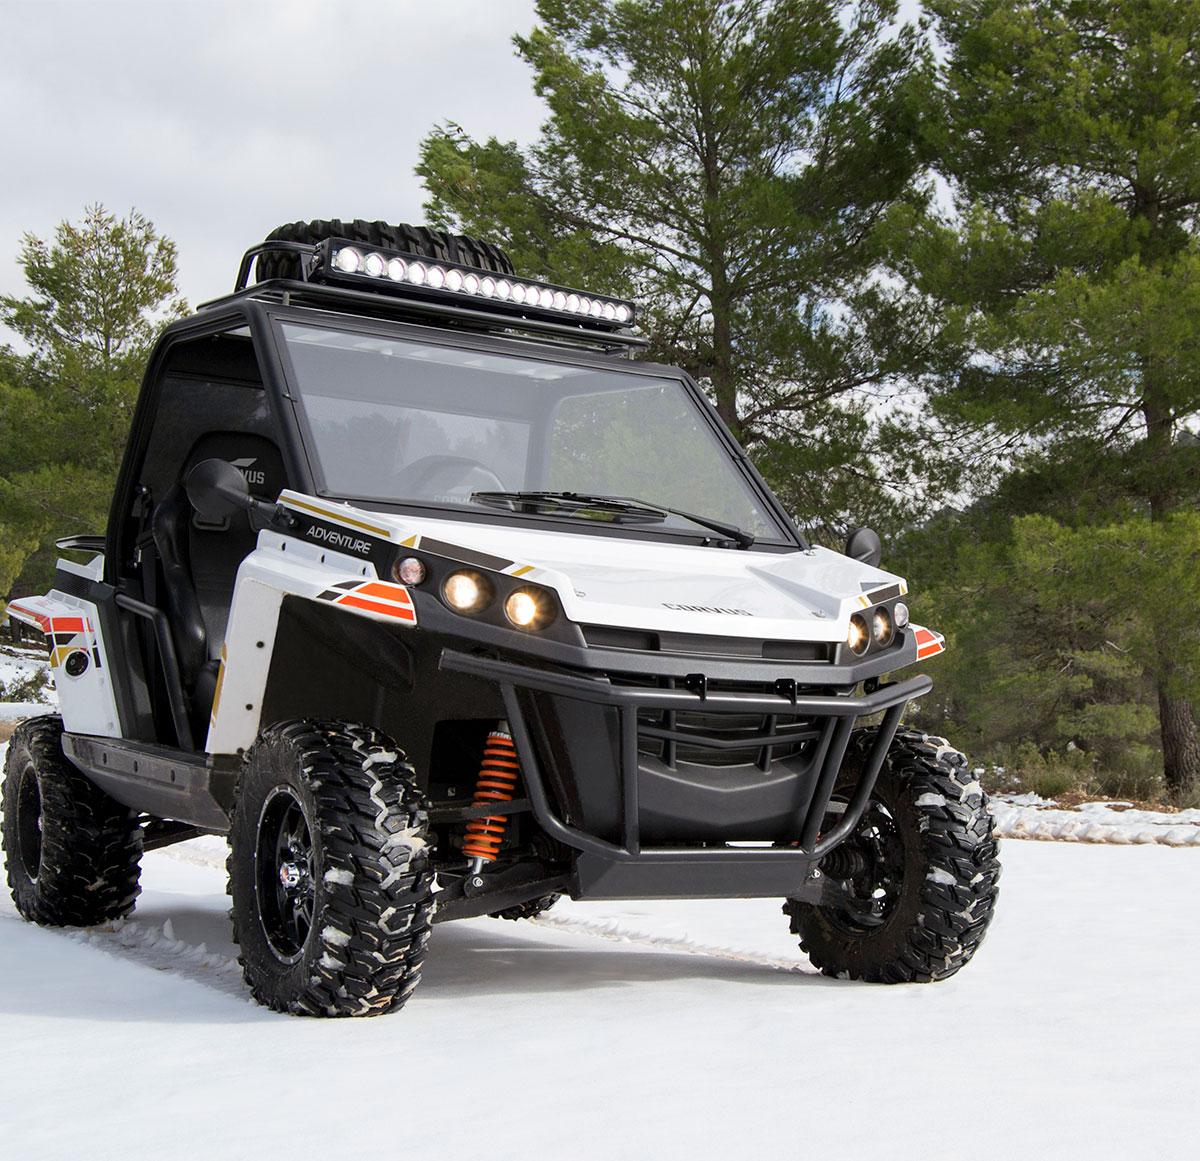 5 consejos para conducir tu vehículo todoterreno sobre nieve o hielo